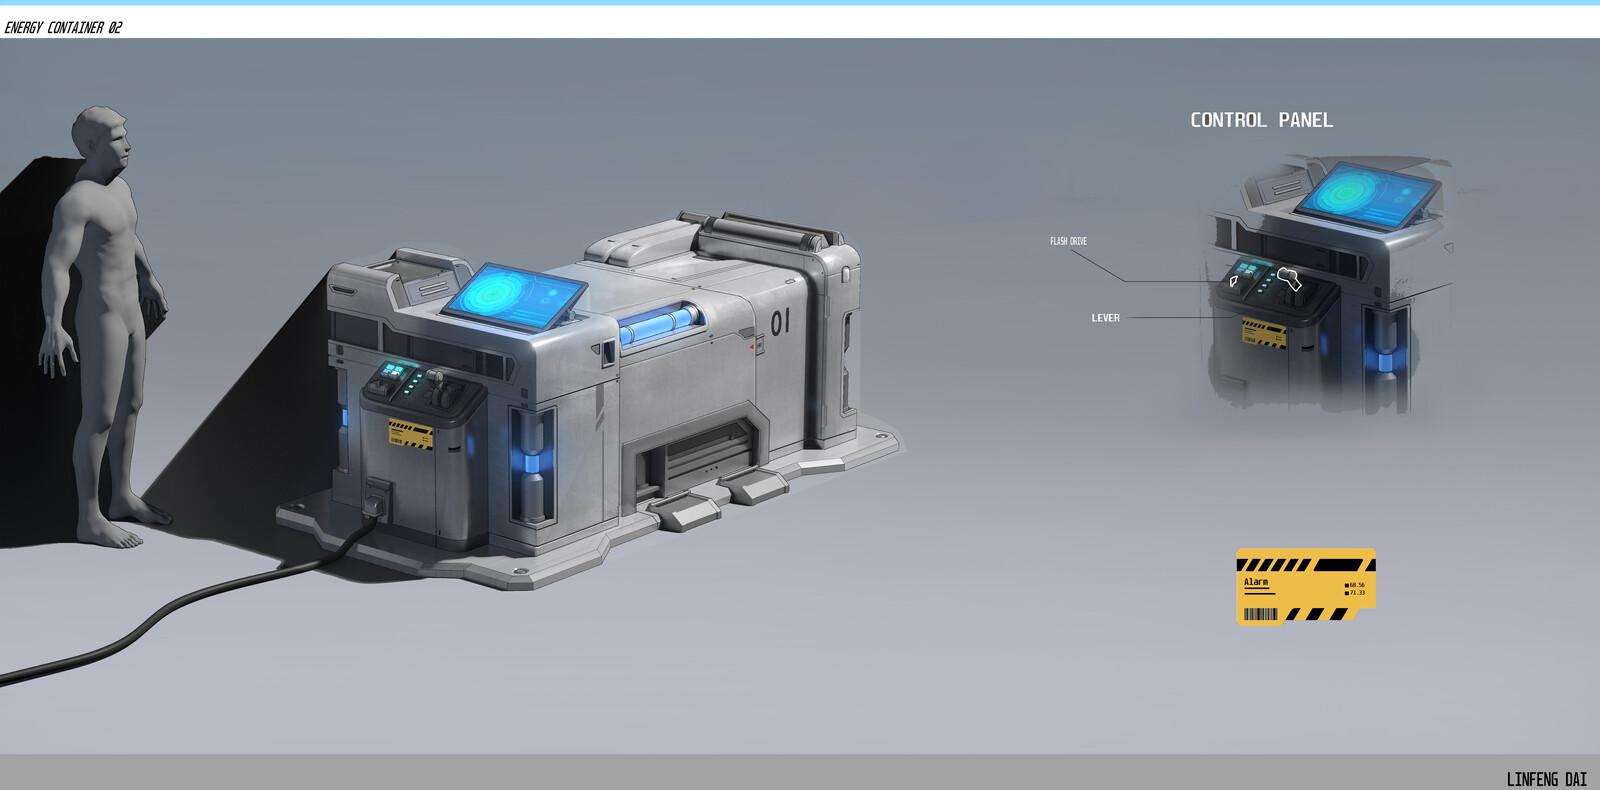 Energy controller 02